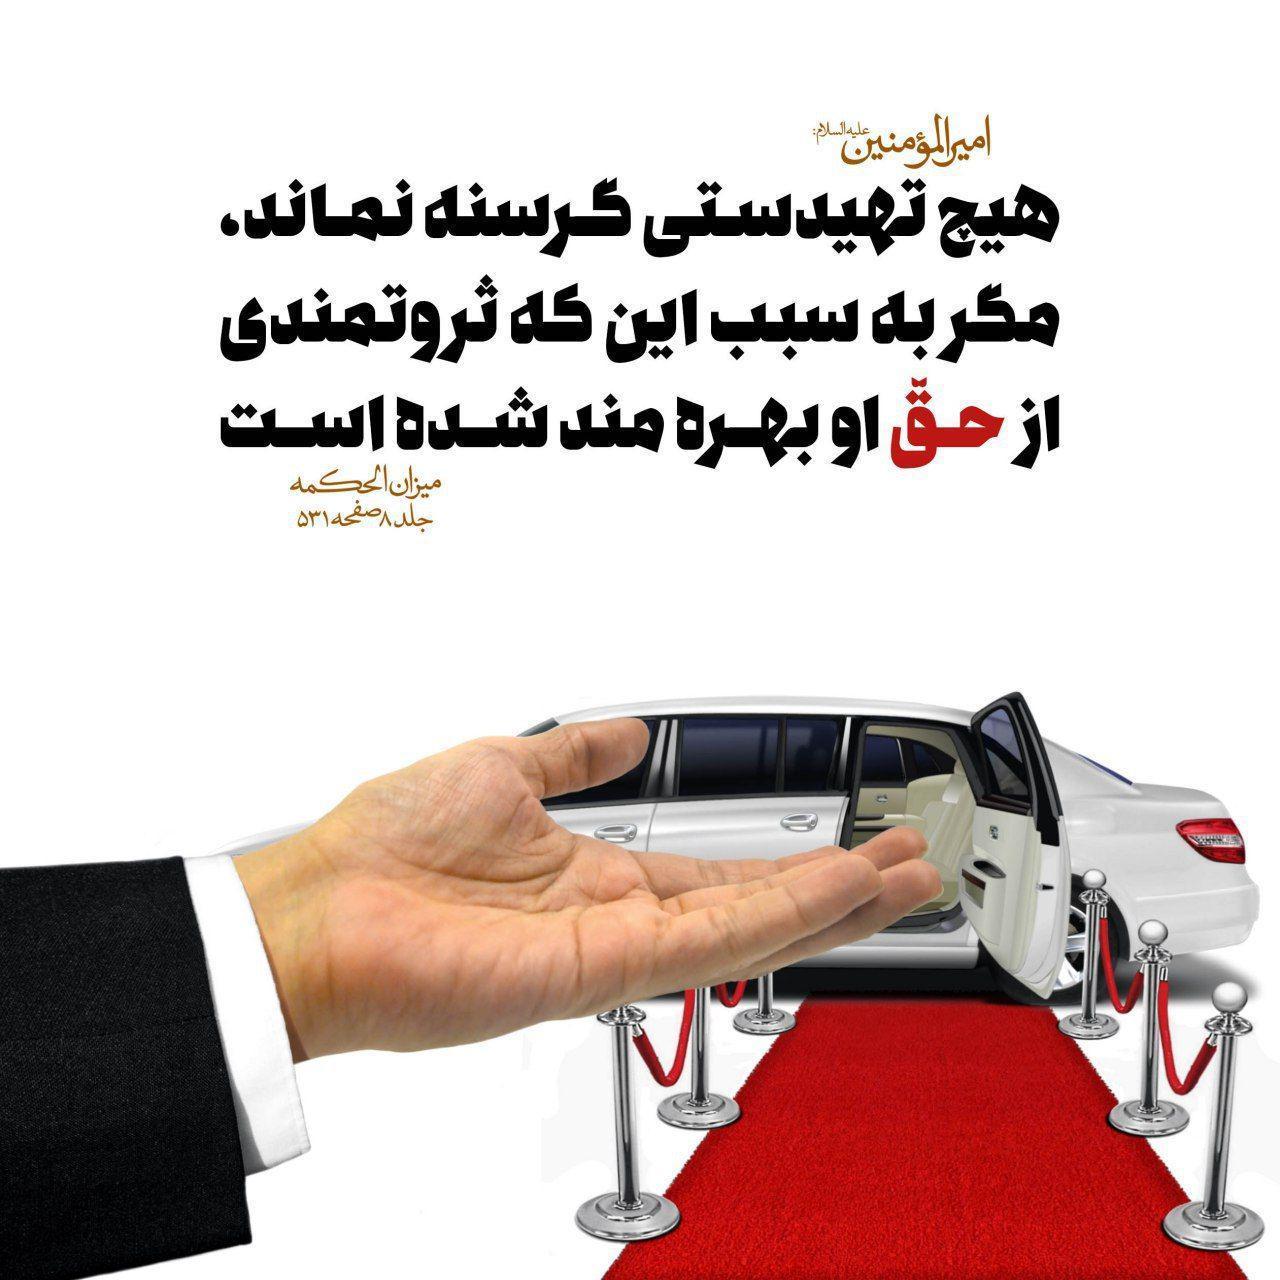 228542 مدیریت سایت